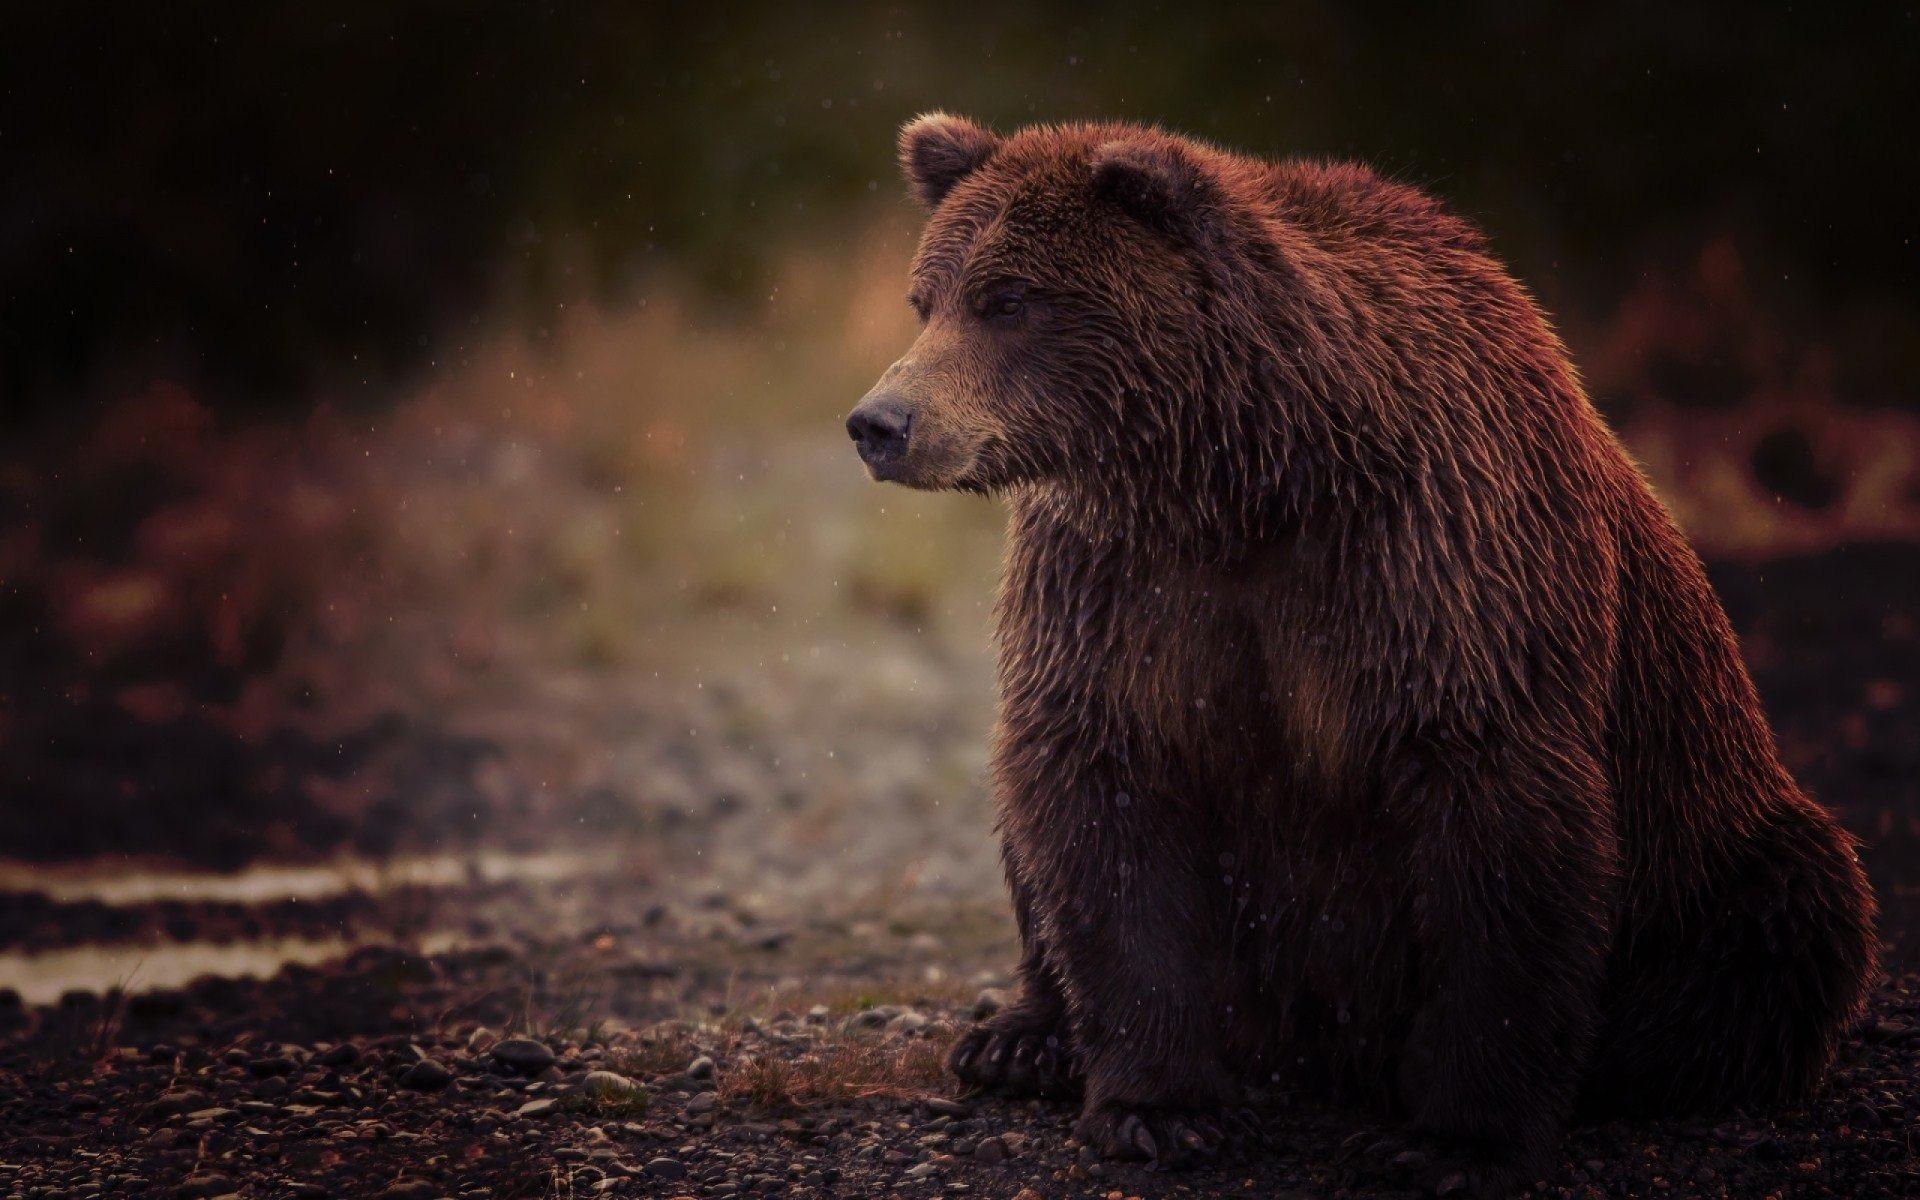 Grizzly bear – Wallpaper | GFXHive